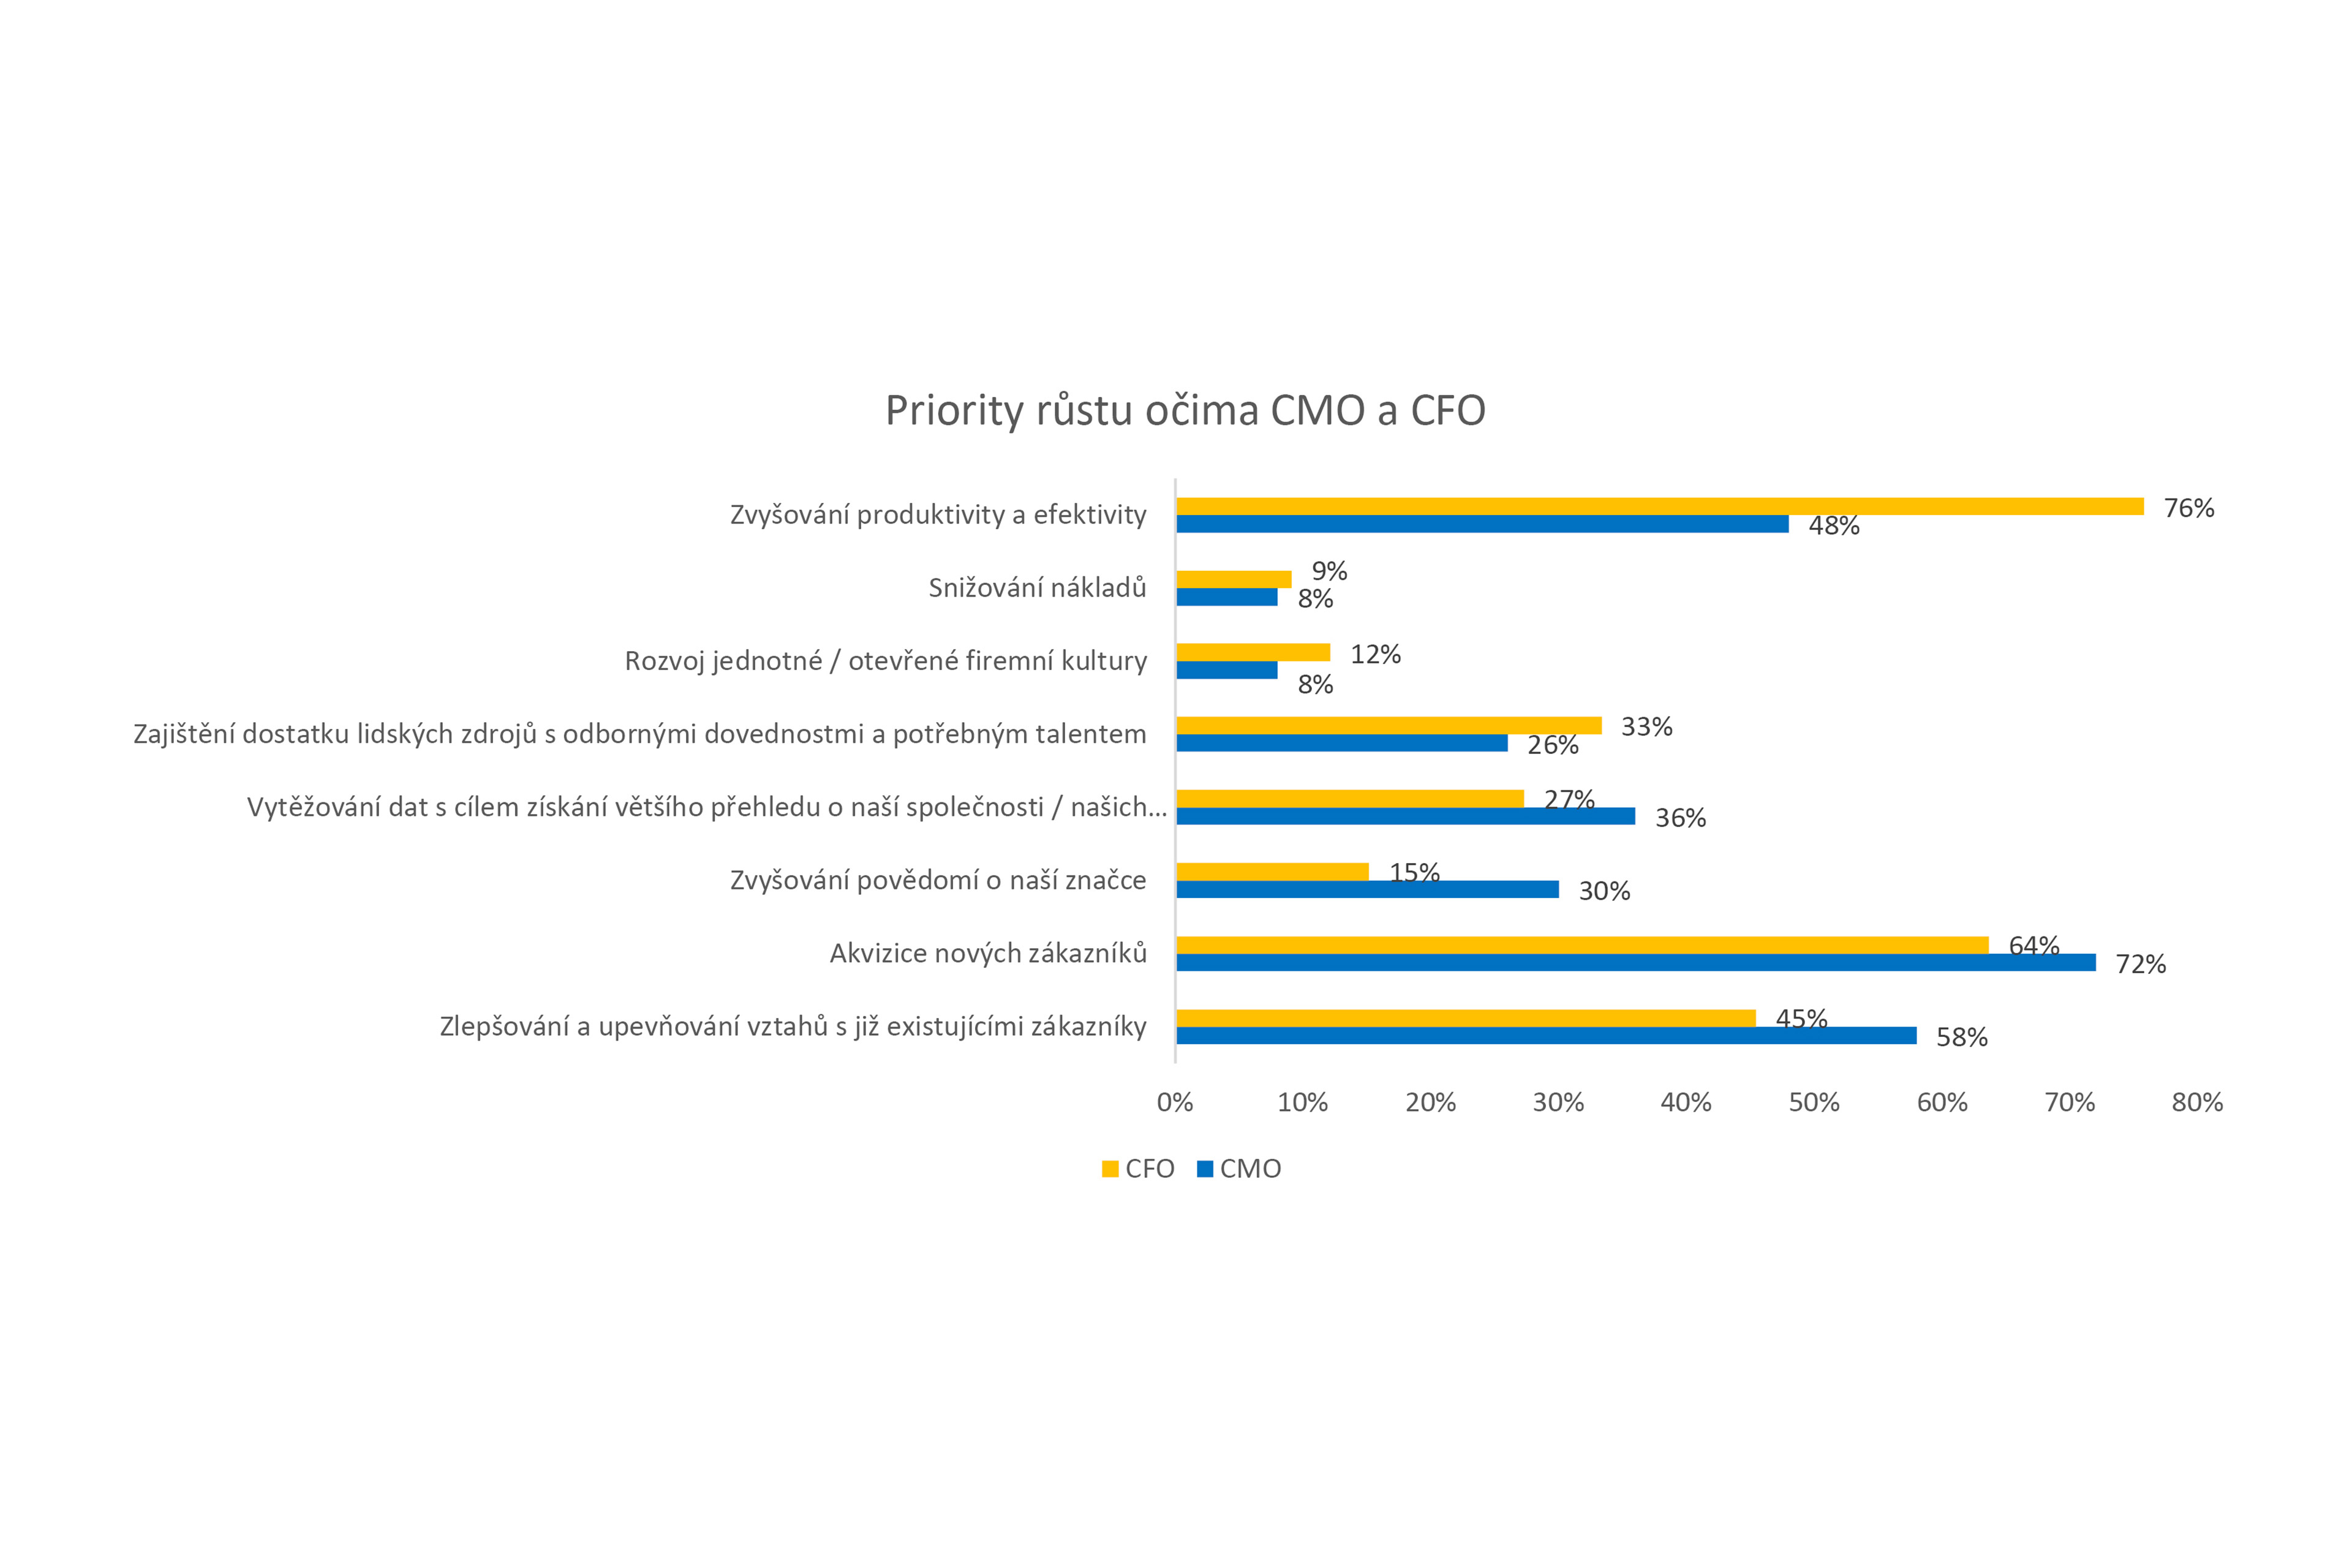 studie-ey-klic-ke-spravnemu-fungovani-firmy-tkvi-v-posileni-vztahu-mezi-financnim-a-marketing-graf-3